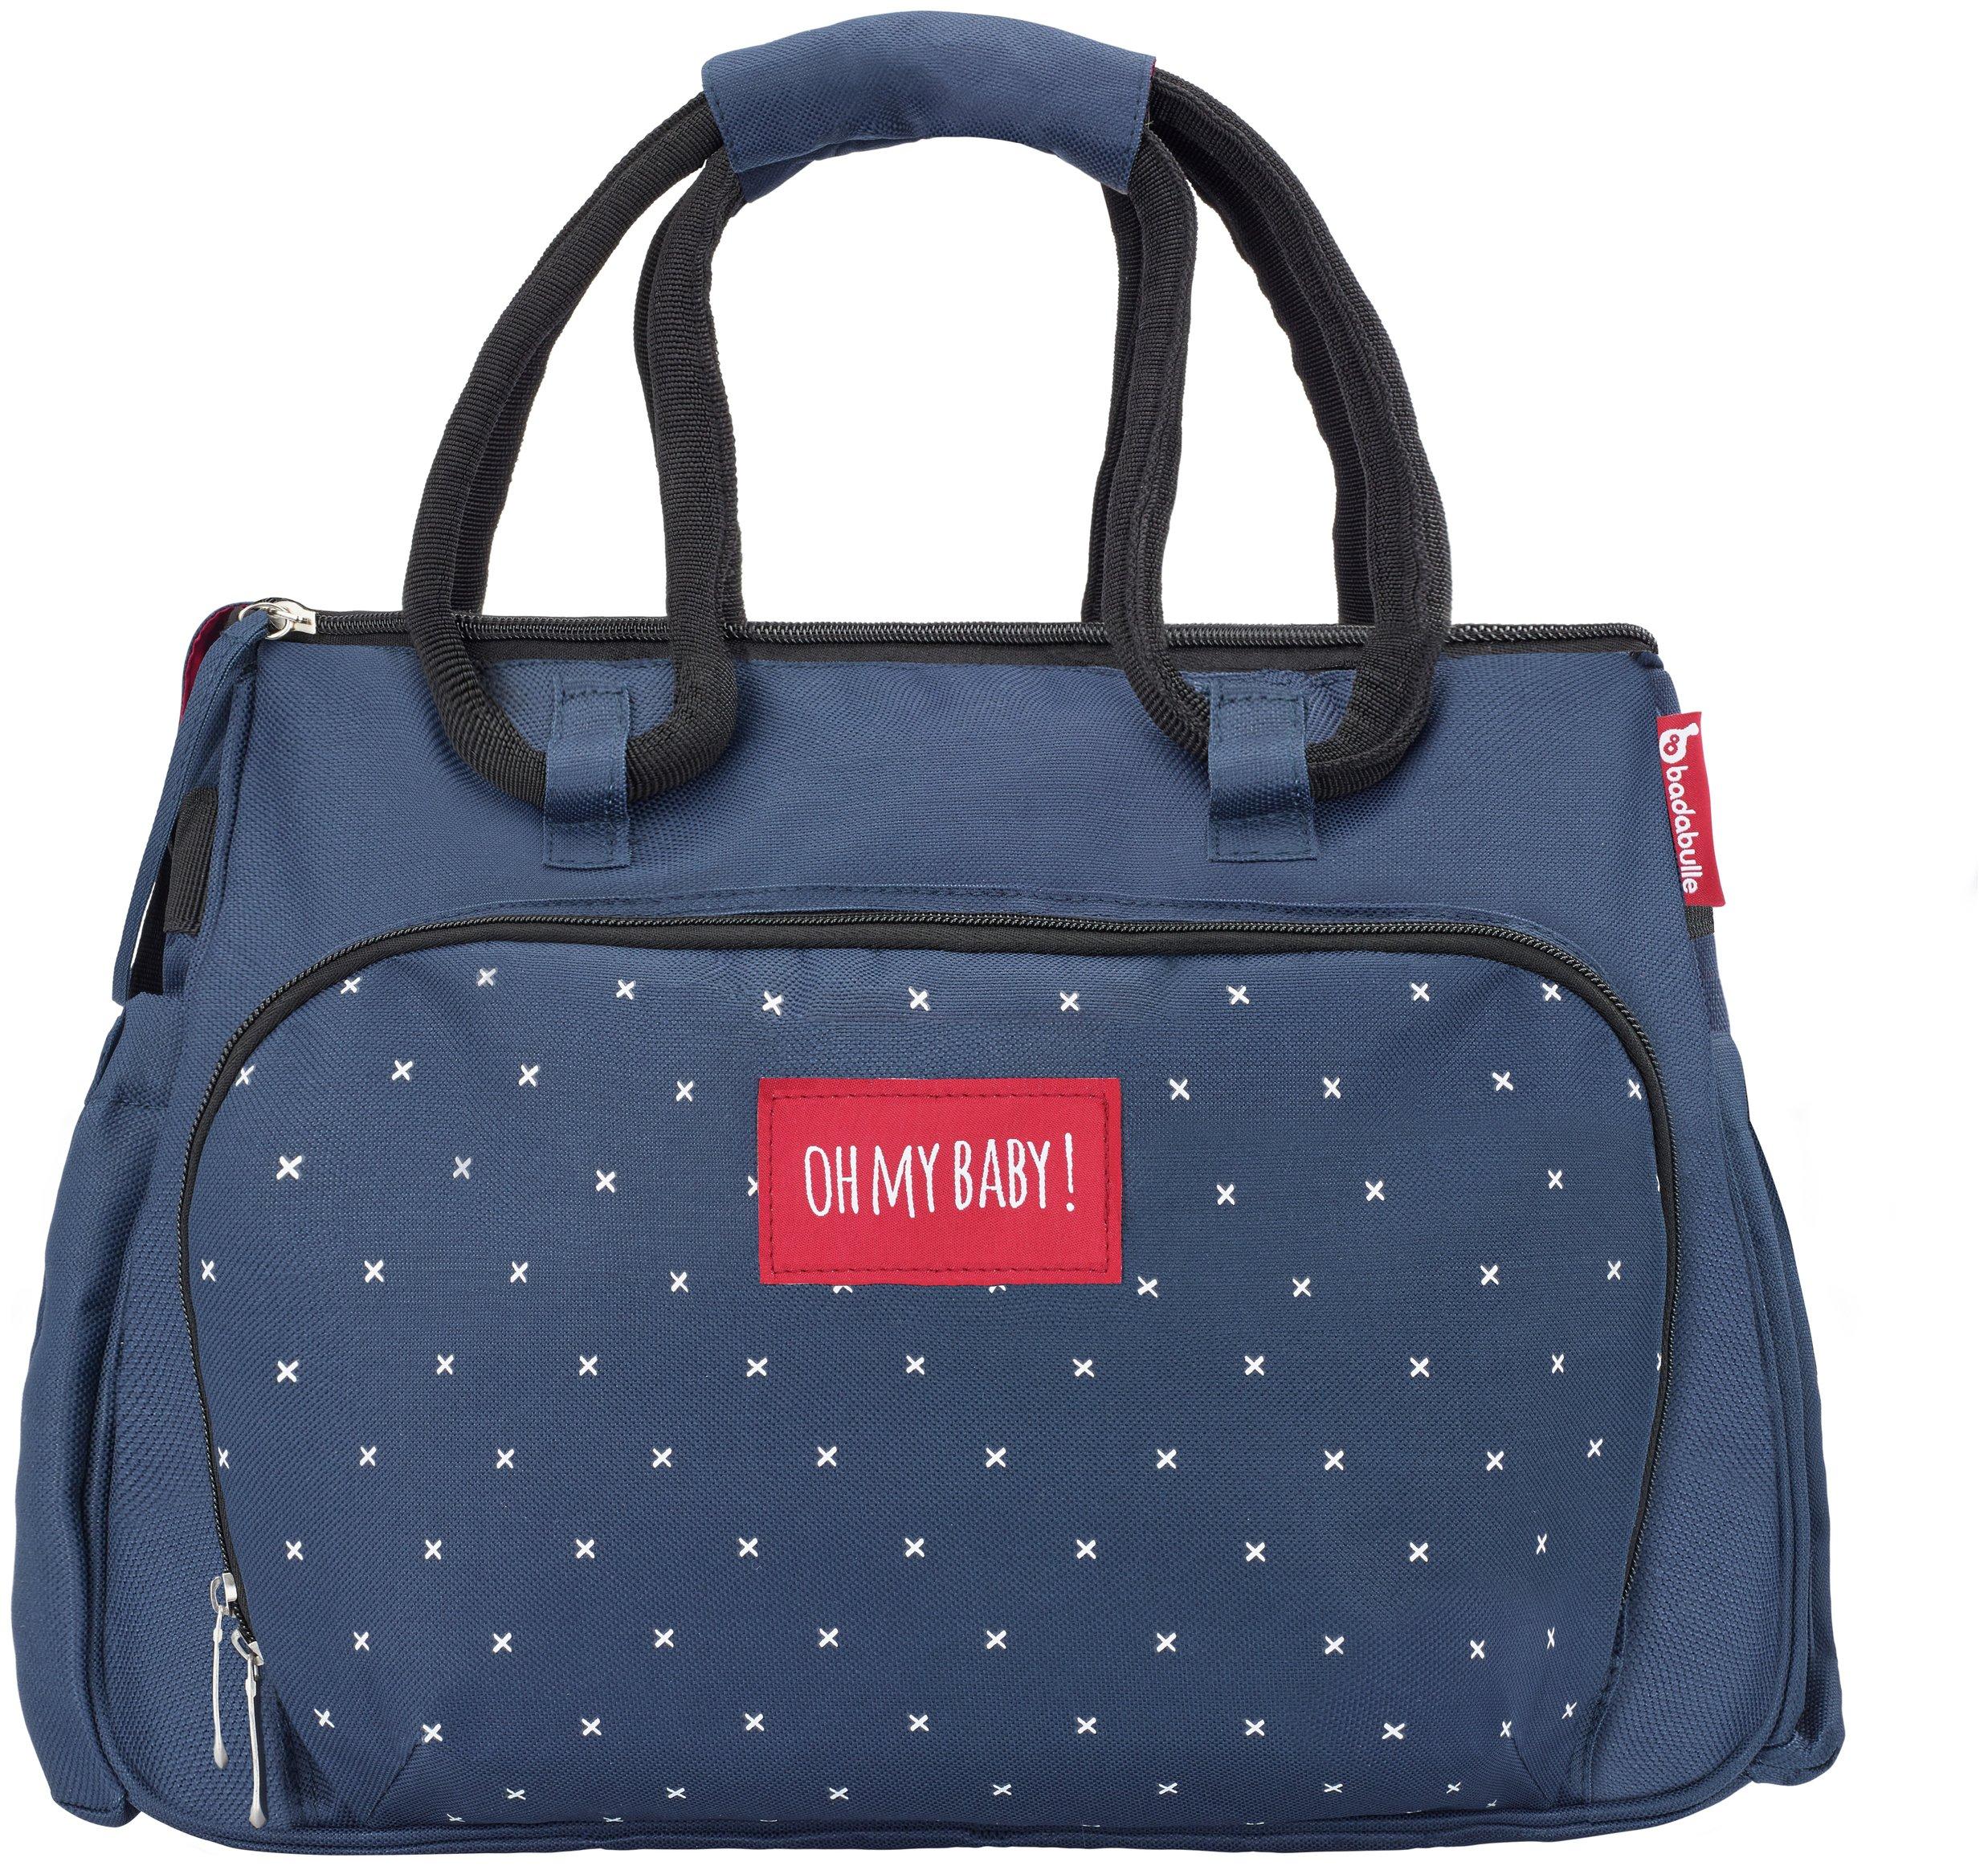 Badabulle Boho Changing Bag - Dark Blue